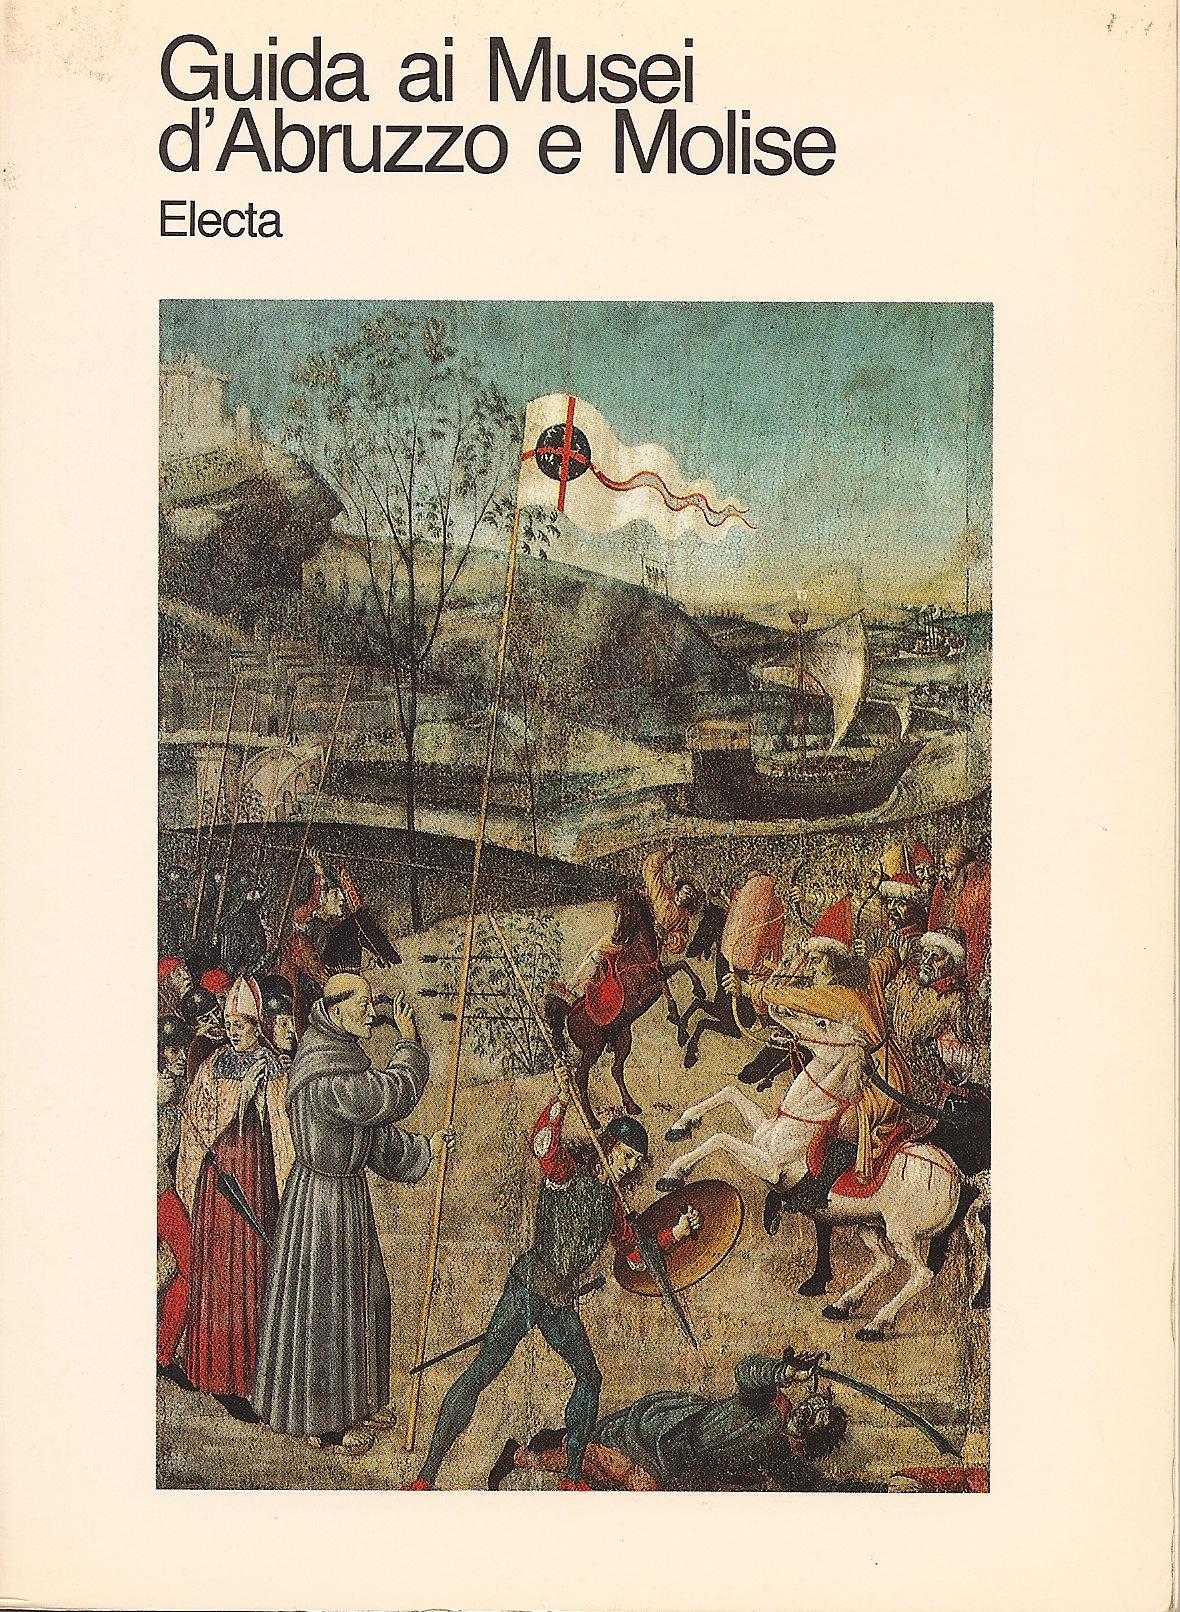 Guida ai musei d'Abruzzo e Molise